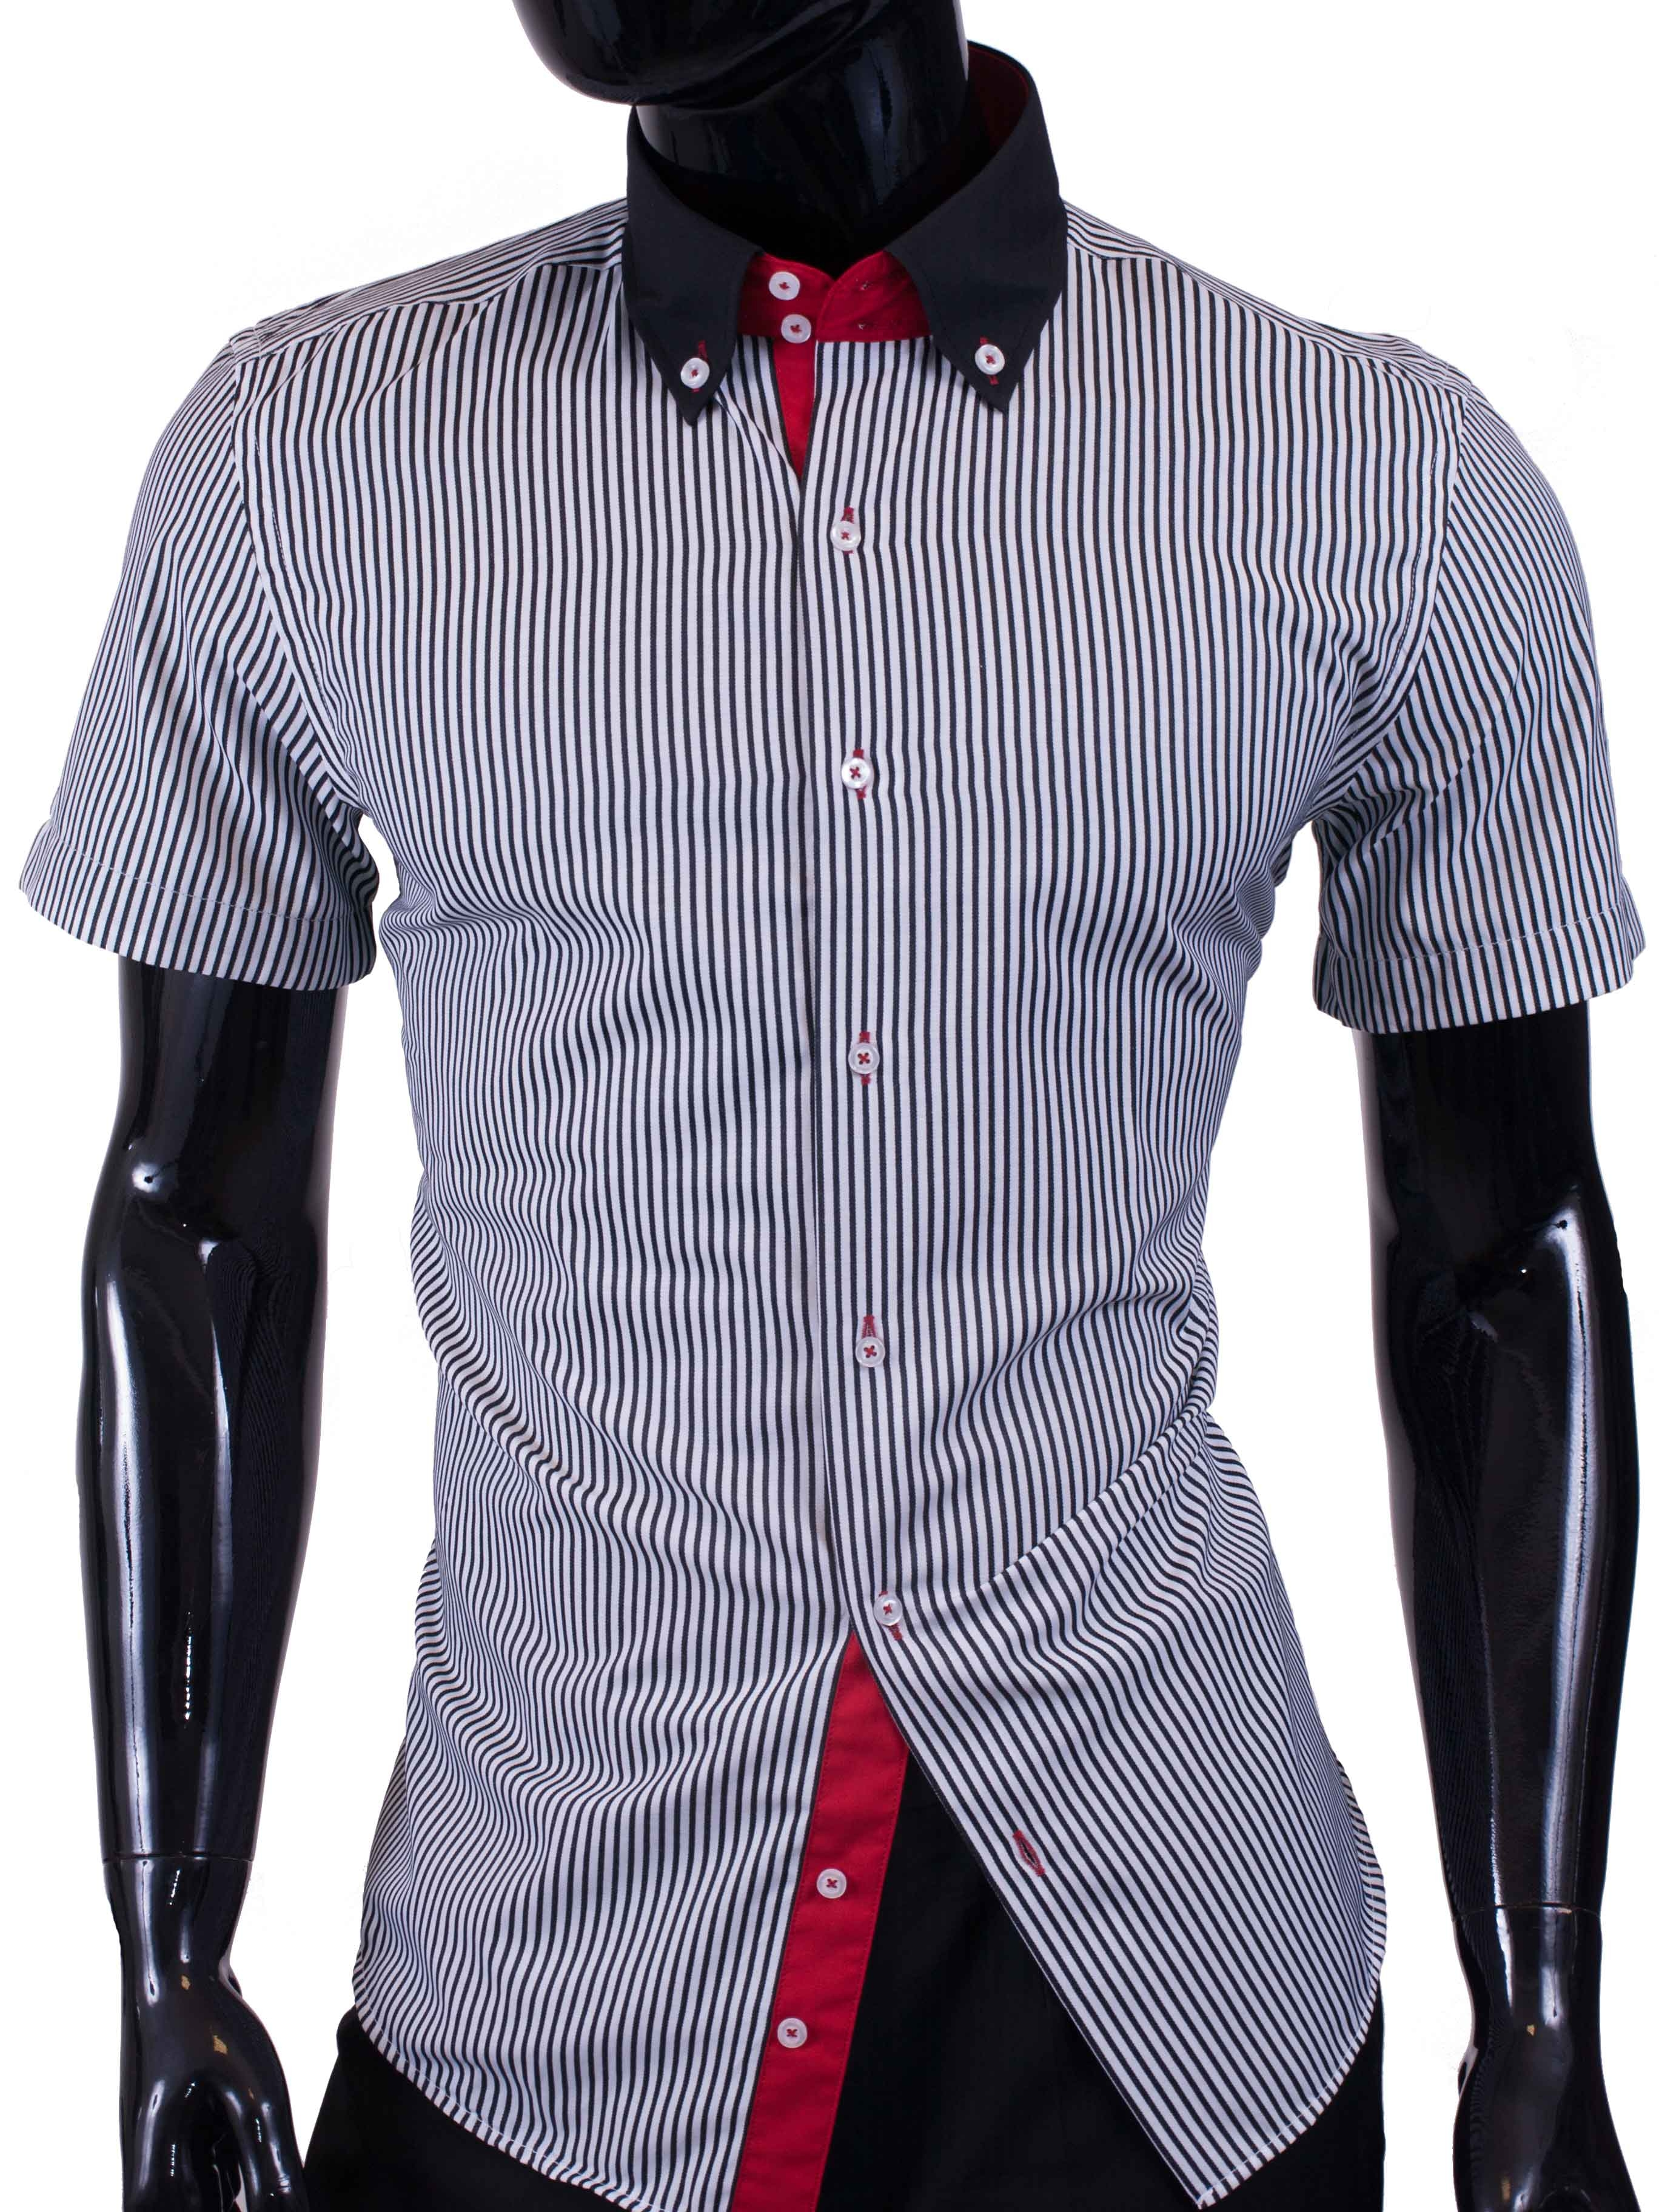 Pánská košile s krátkým rukávem proužkovaná